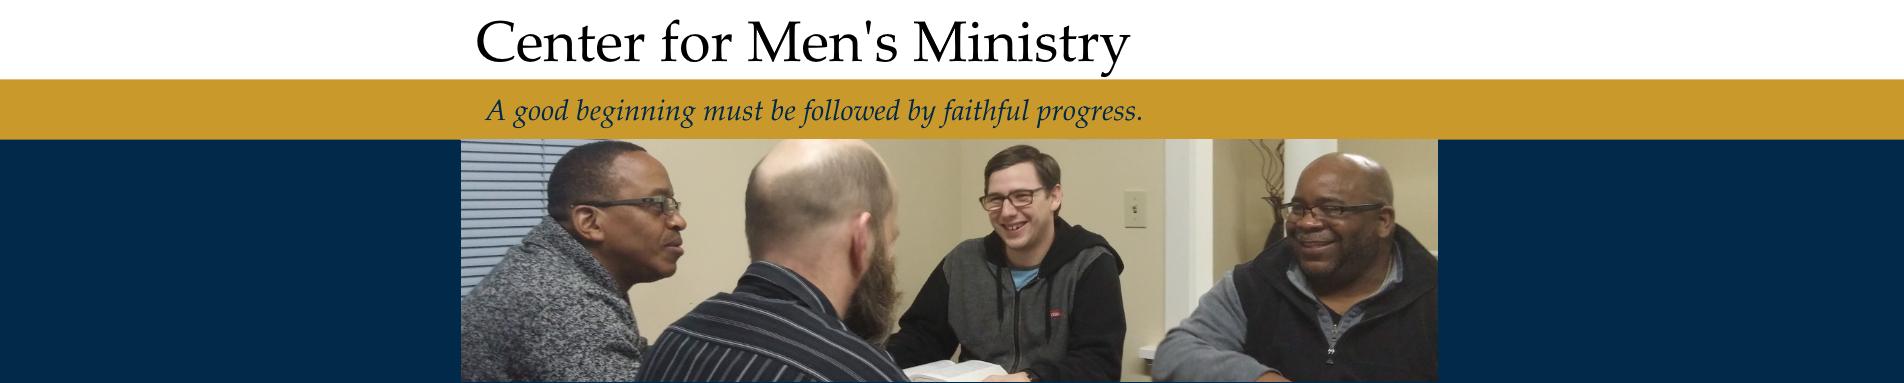 men's ministry banner.2